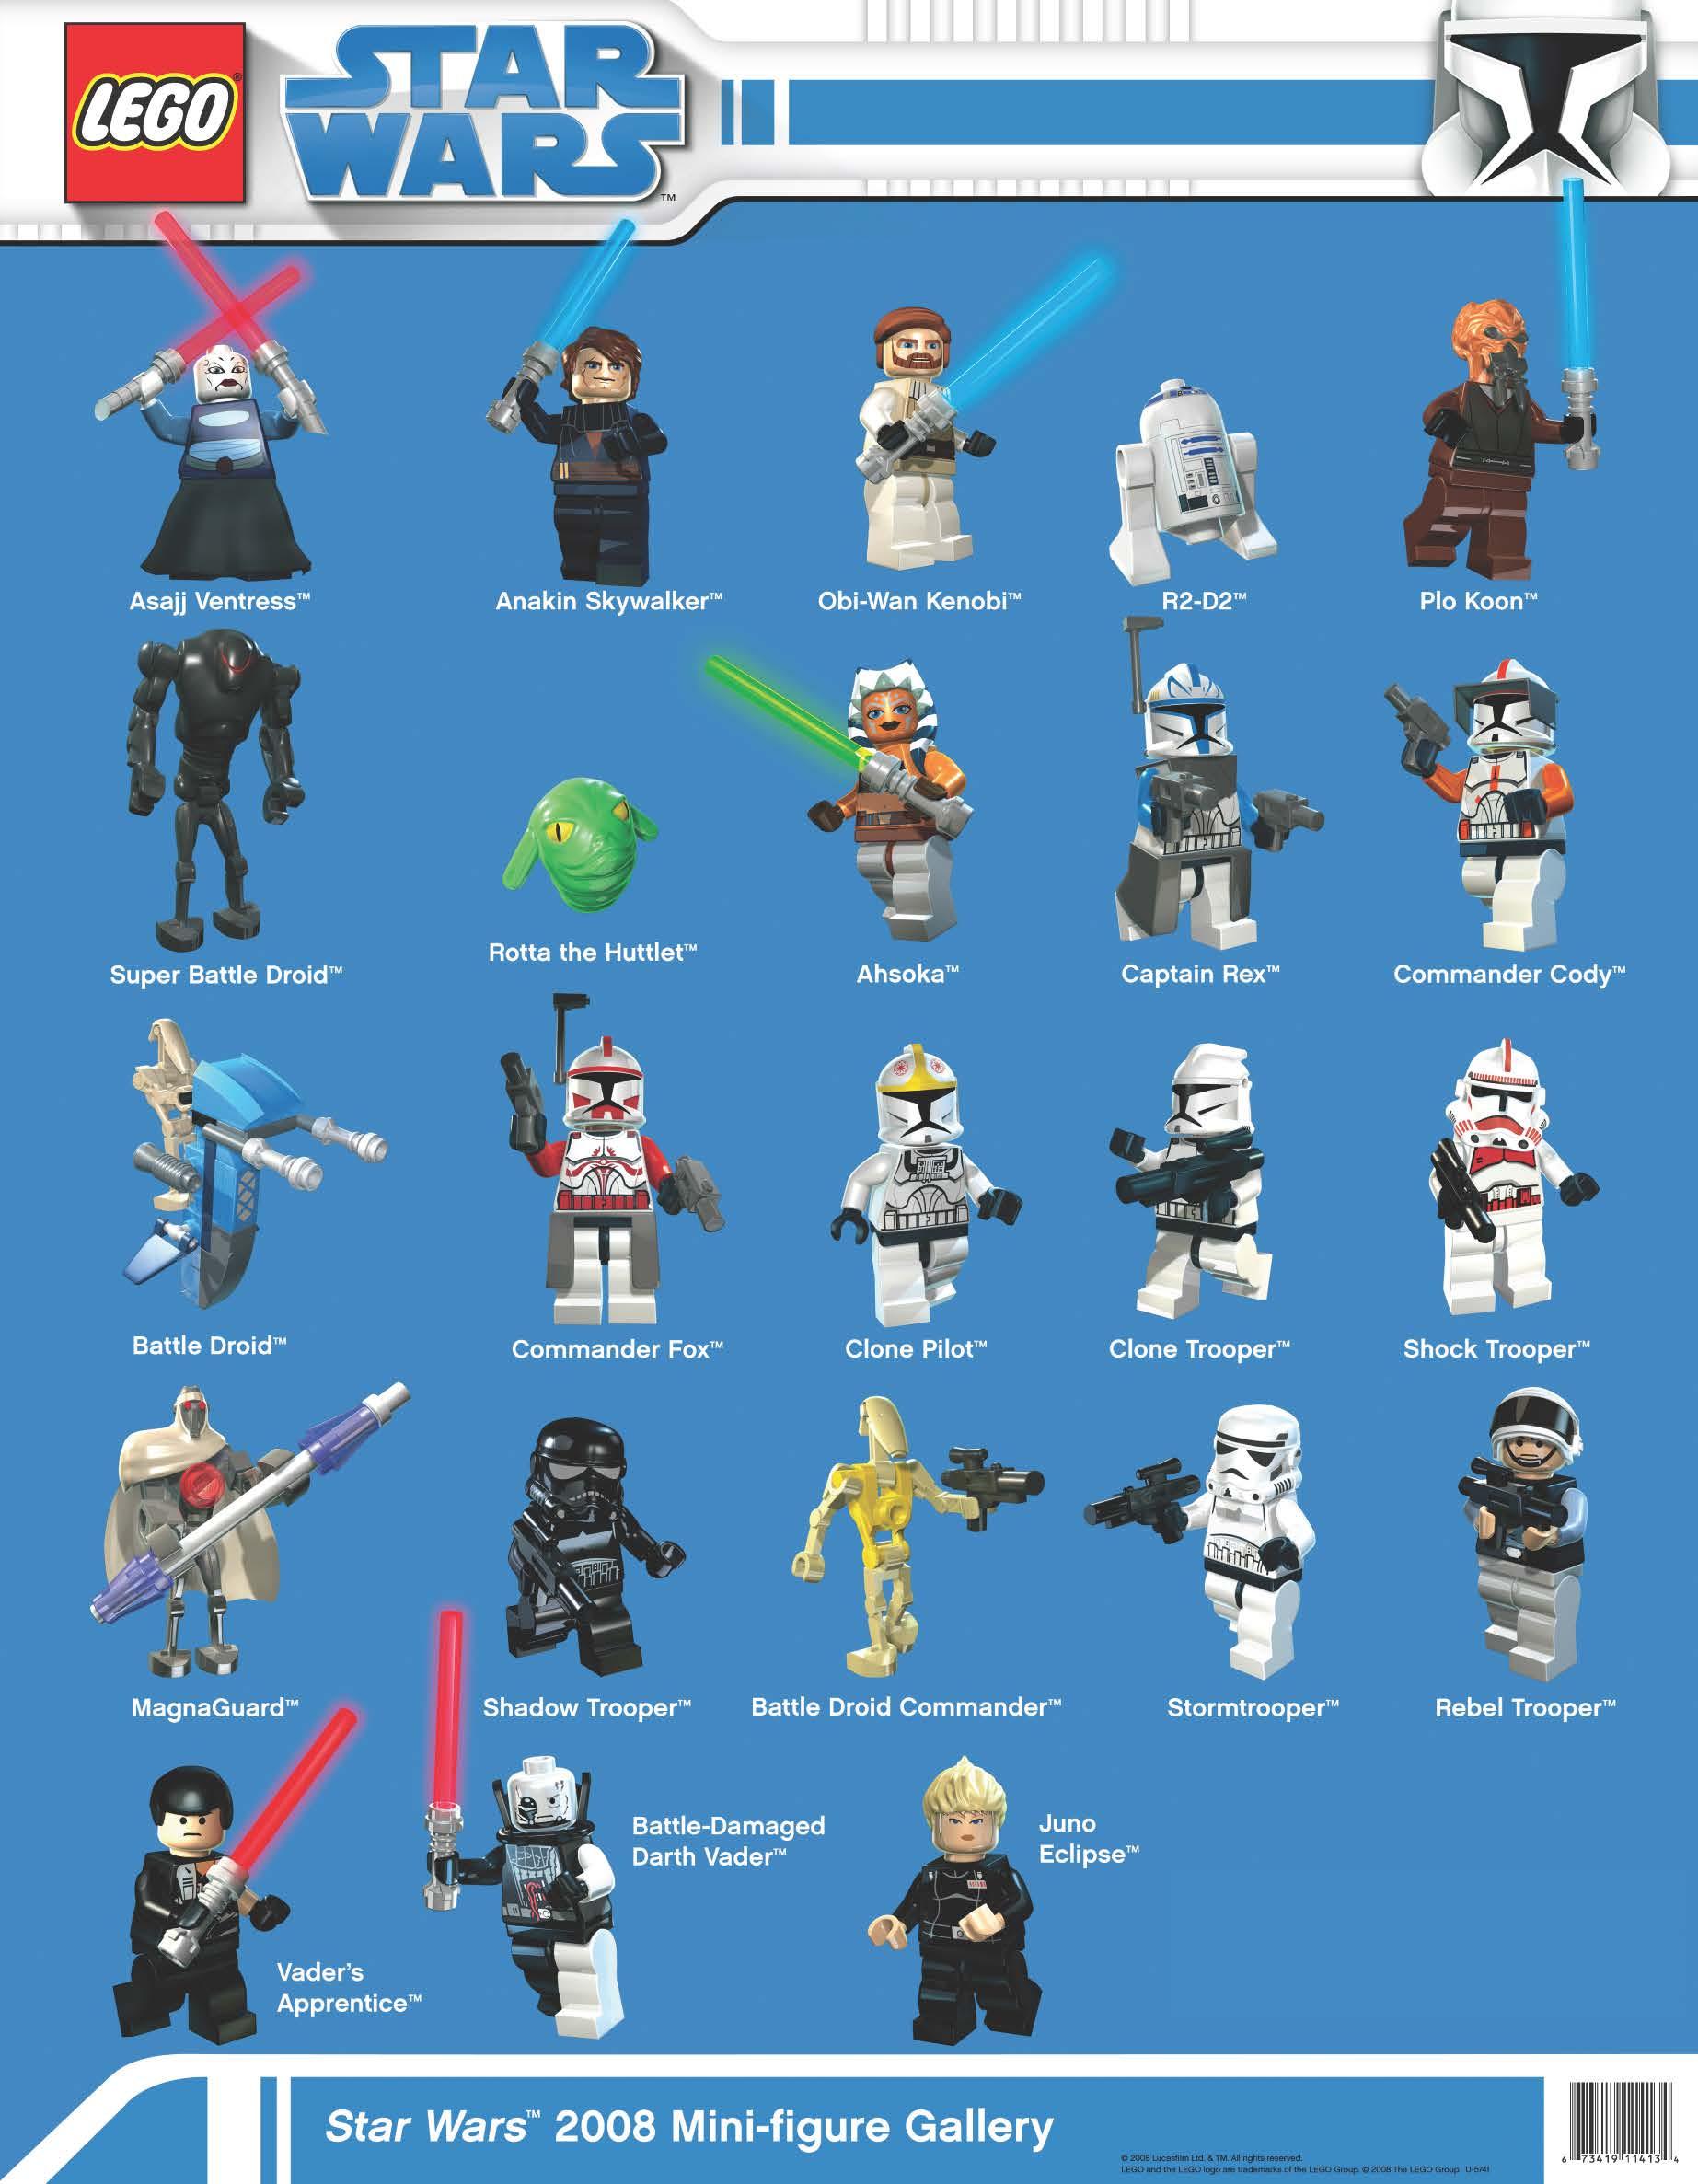 Lego Star Wars Droid Tales Eine Saga Auf Steinen Seriesly Awesome